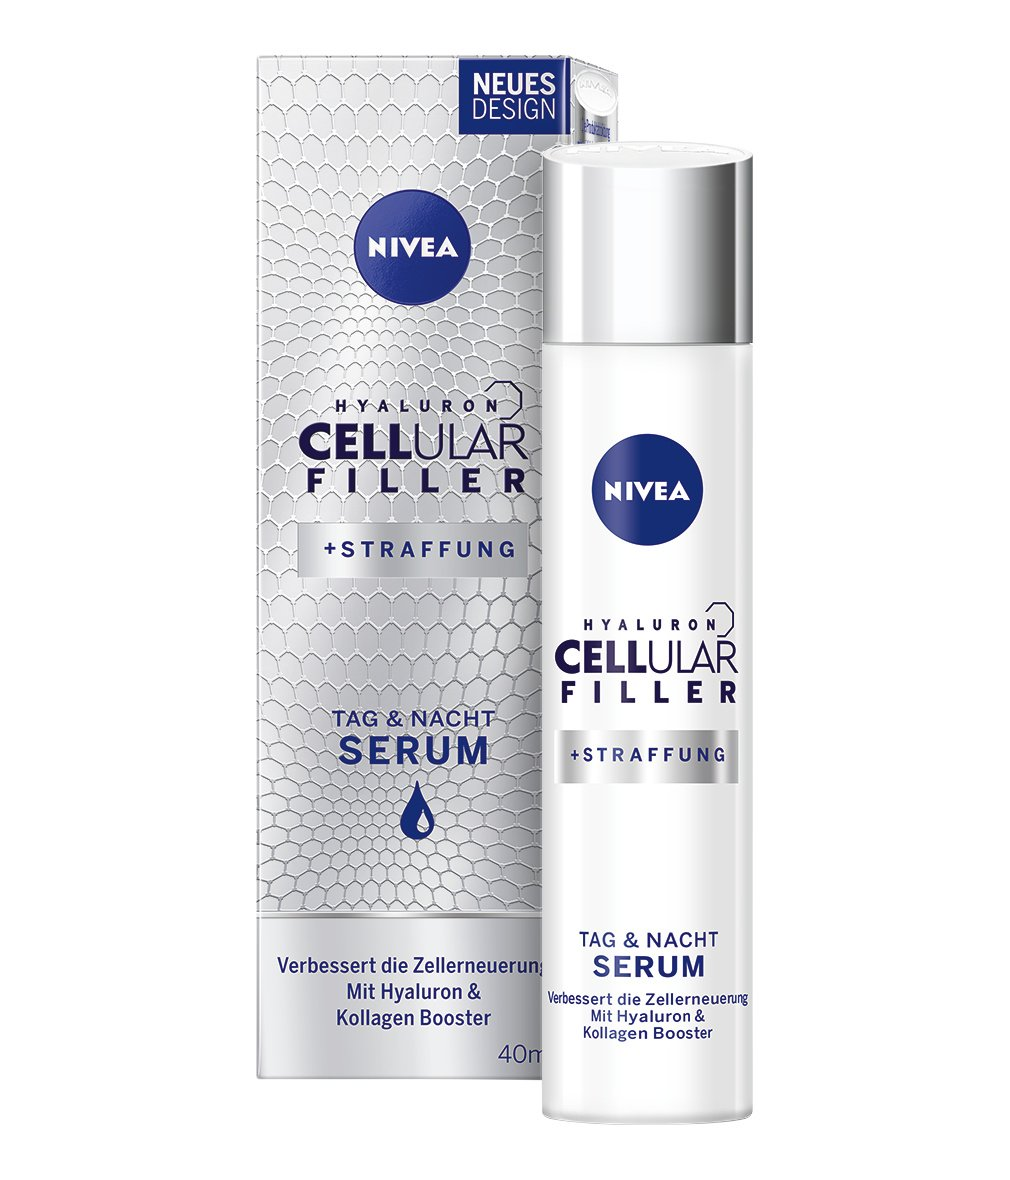 NIVEA Hyaluron CELLular Filler Anti-Age Serum (1 x 40 ml), Anti Falten Creme für Tag und Nacht, zellaktivierende Feuchtigkeitscreme, Gesichtscreme mit Hyaluron 82388-01000-07